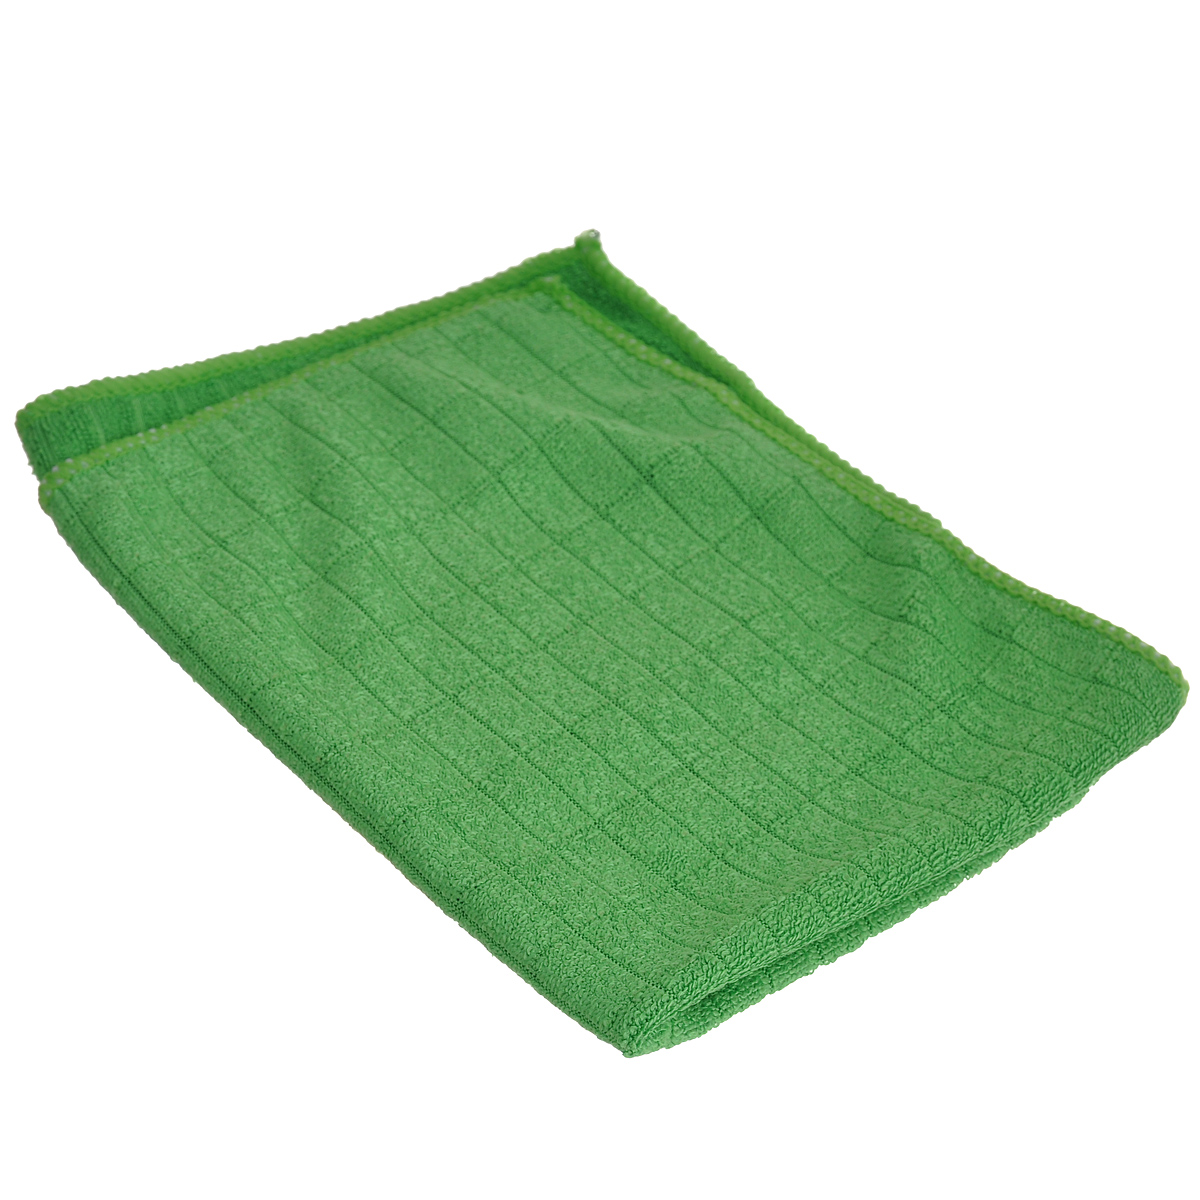 Салфетка для мытья и полировки автомобиля Sapfire Micro Lines, цвет: зеленый, 30 х 40 смCLS-05Салфетка Sapfire Micro Lines выполнена из высококачественного полиэстера и полиамида. Каждая нить после специальной химической обработки расщепляется на 12-16 клиновидных микроволокон. Микрофибровое полотно удаляет грязь с поверхности намного эффективнее, быстрее и значительно более бережно в сравнении с обычной тканью, что существенно снижает время на проведение уборки, поскольку отсутствует необходимость протирать одно и то же место дважды. Использовать салфетку можно для чистки как наружных, так и внутренних поверхностей автомобиля. Используя подобную мягкую ткань, можно проникнуть даже в самые труднодоступные места и эффективно очистить от пыли и бактерий все поверхности. Микрофибра устойчива к истиранию, ее можно быстро вернуть к первоначальному виду с помощью машинной стирки при малом количестве моющих средств. Состав: 80% полиэстер, 20% полиамид.